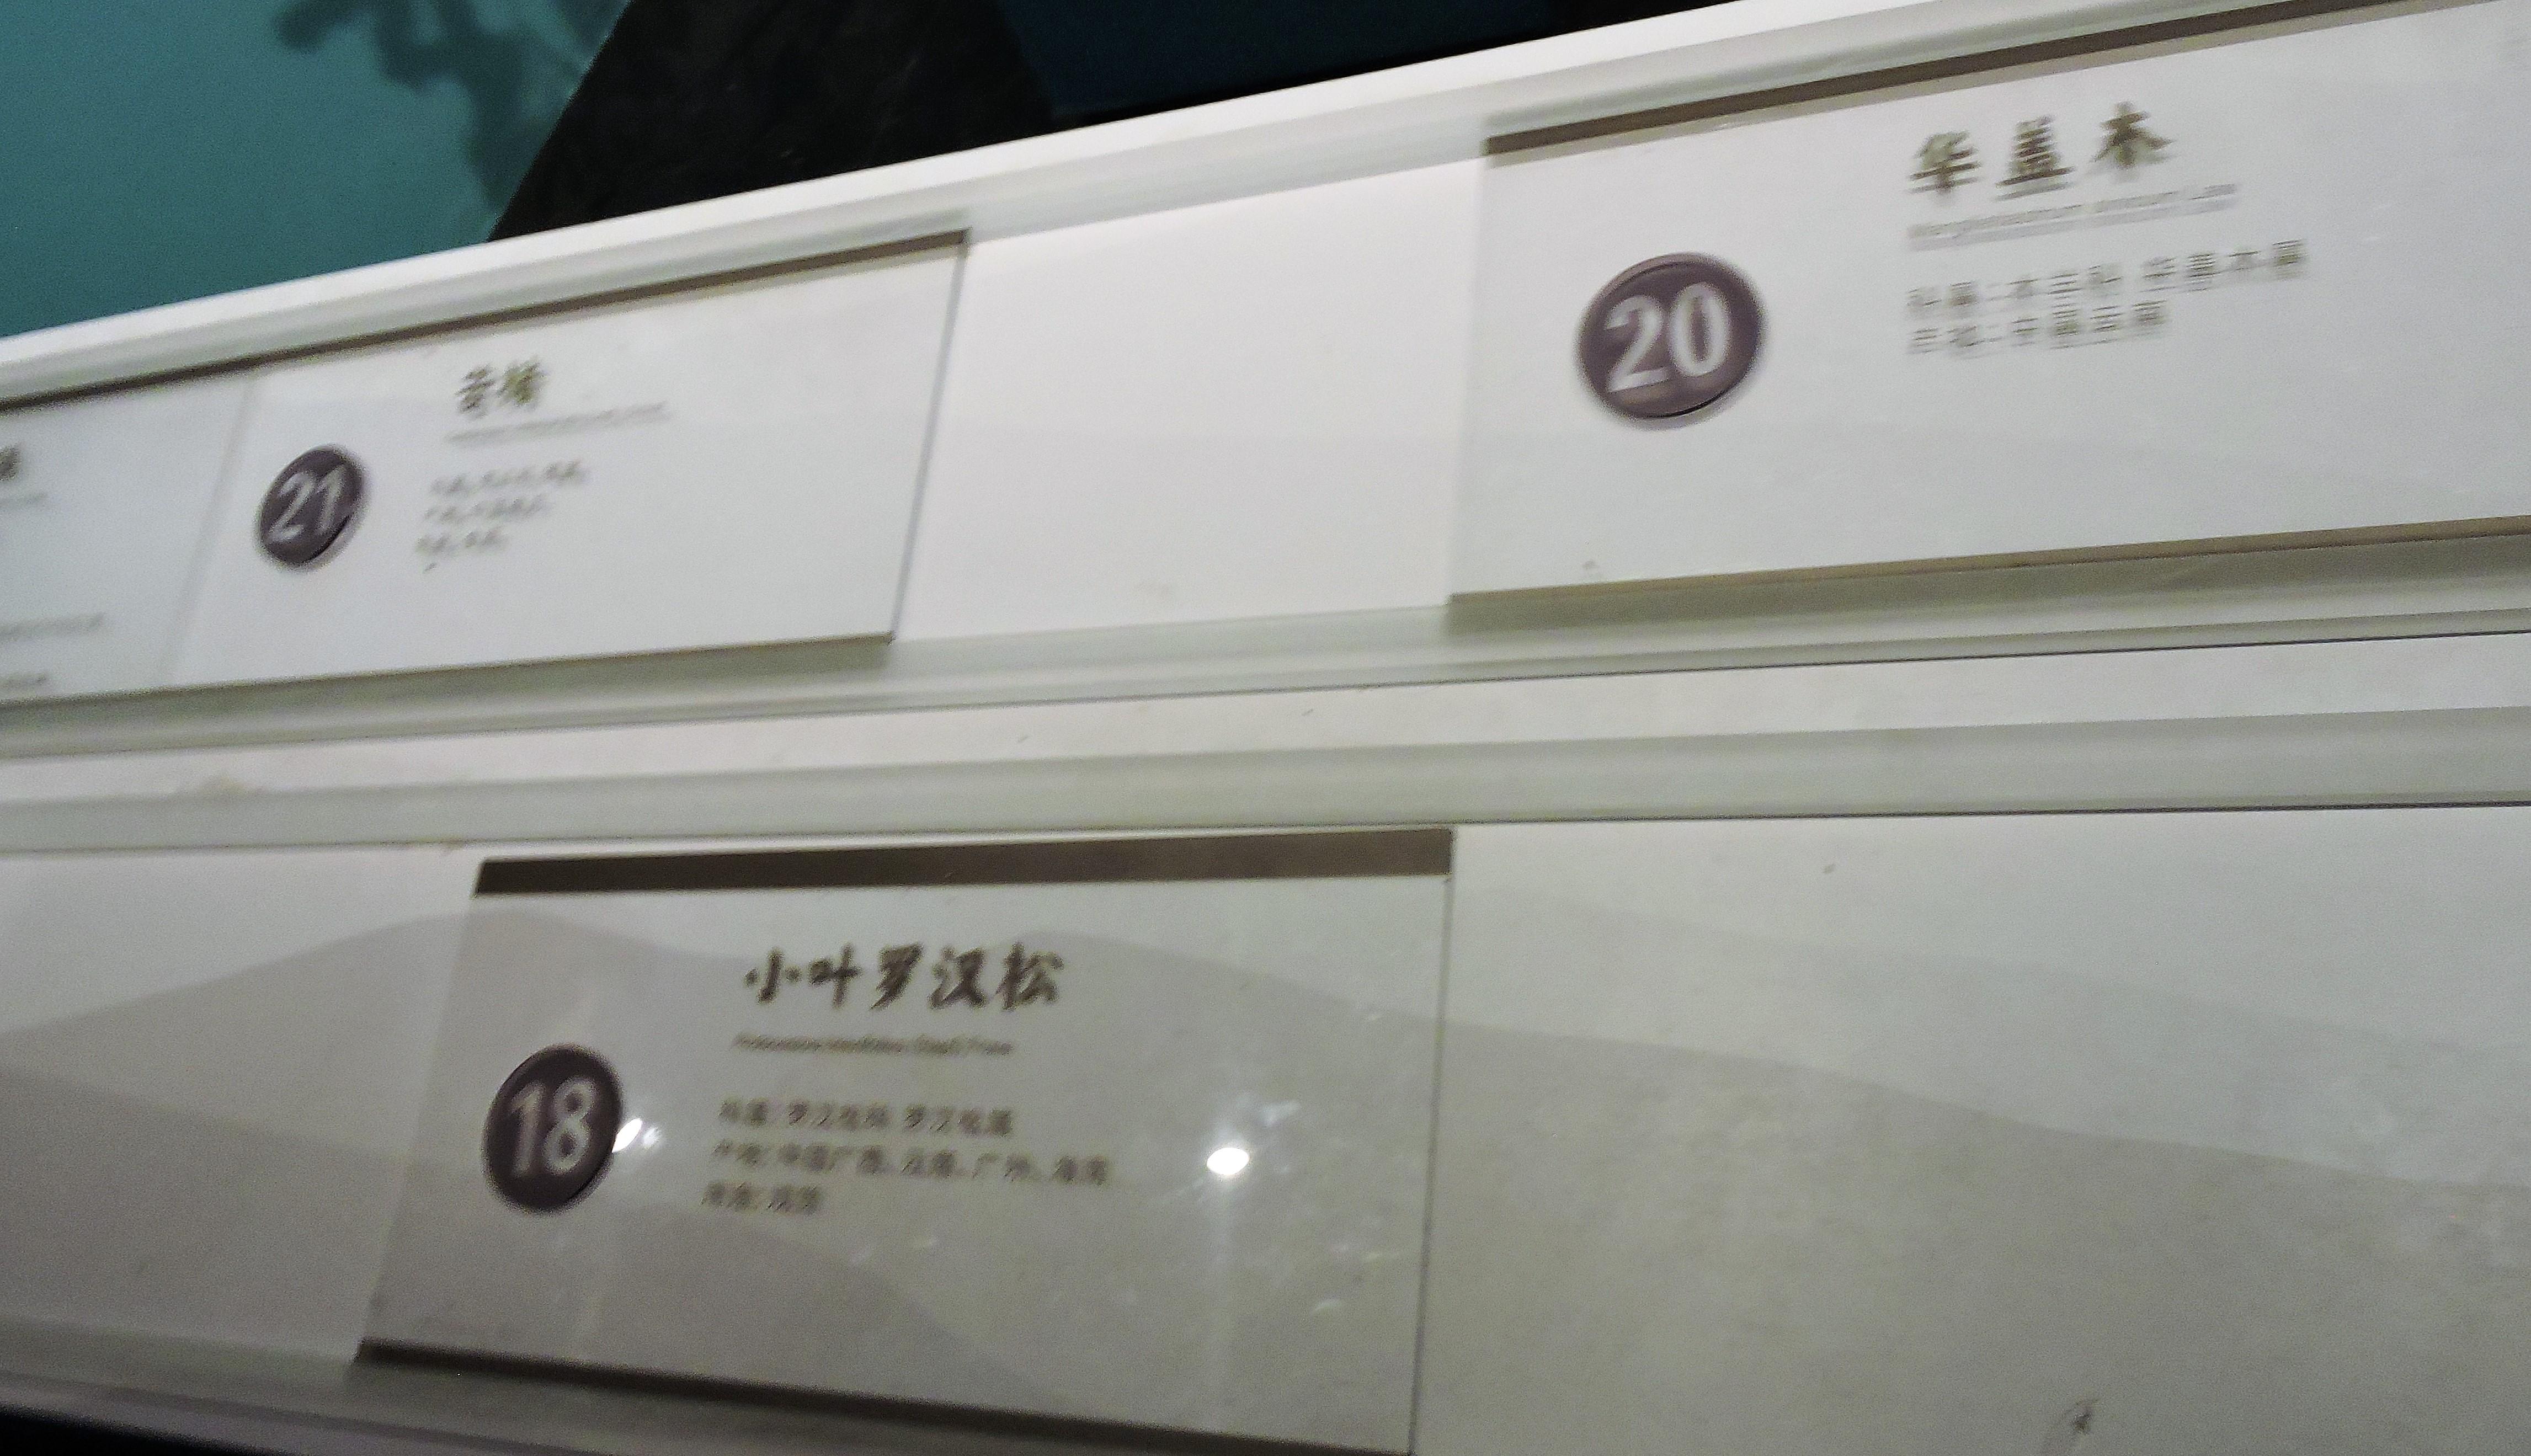 30 DSCN8851.JPG